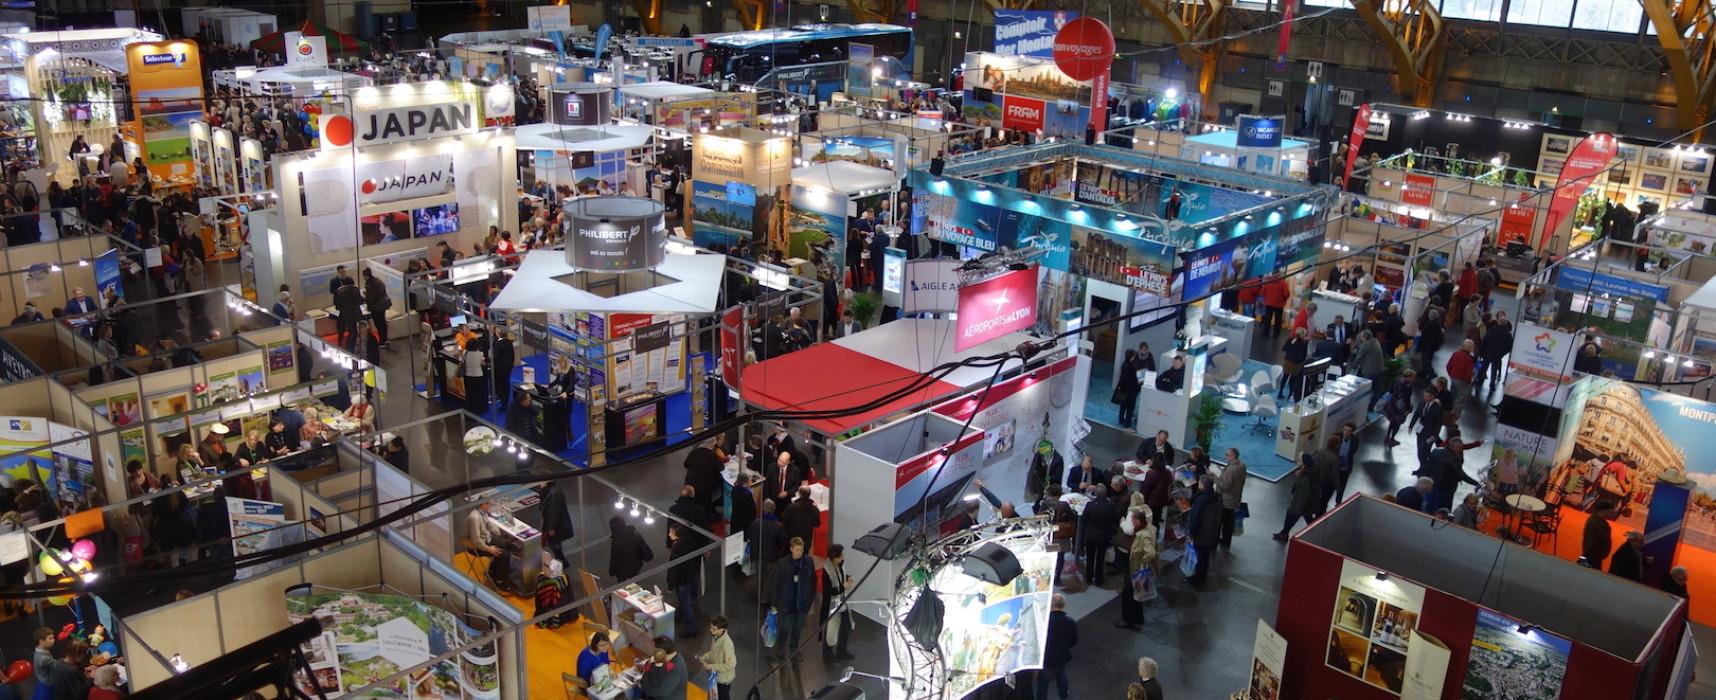 Creuse Tourisme et l'association des sites creusois à la conquête du marché lyonnais